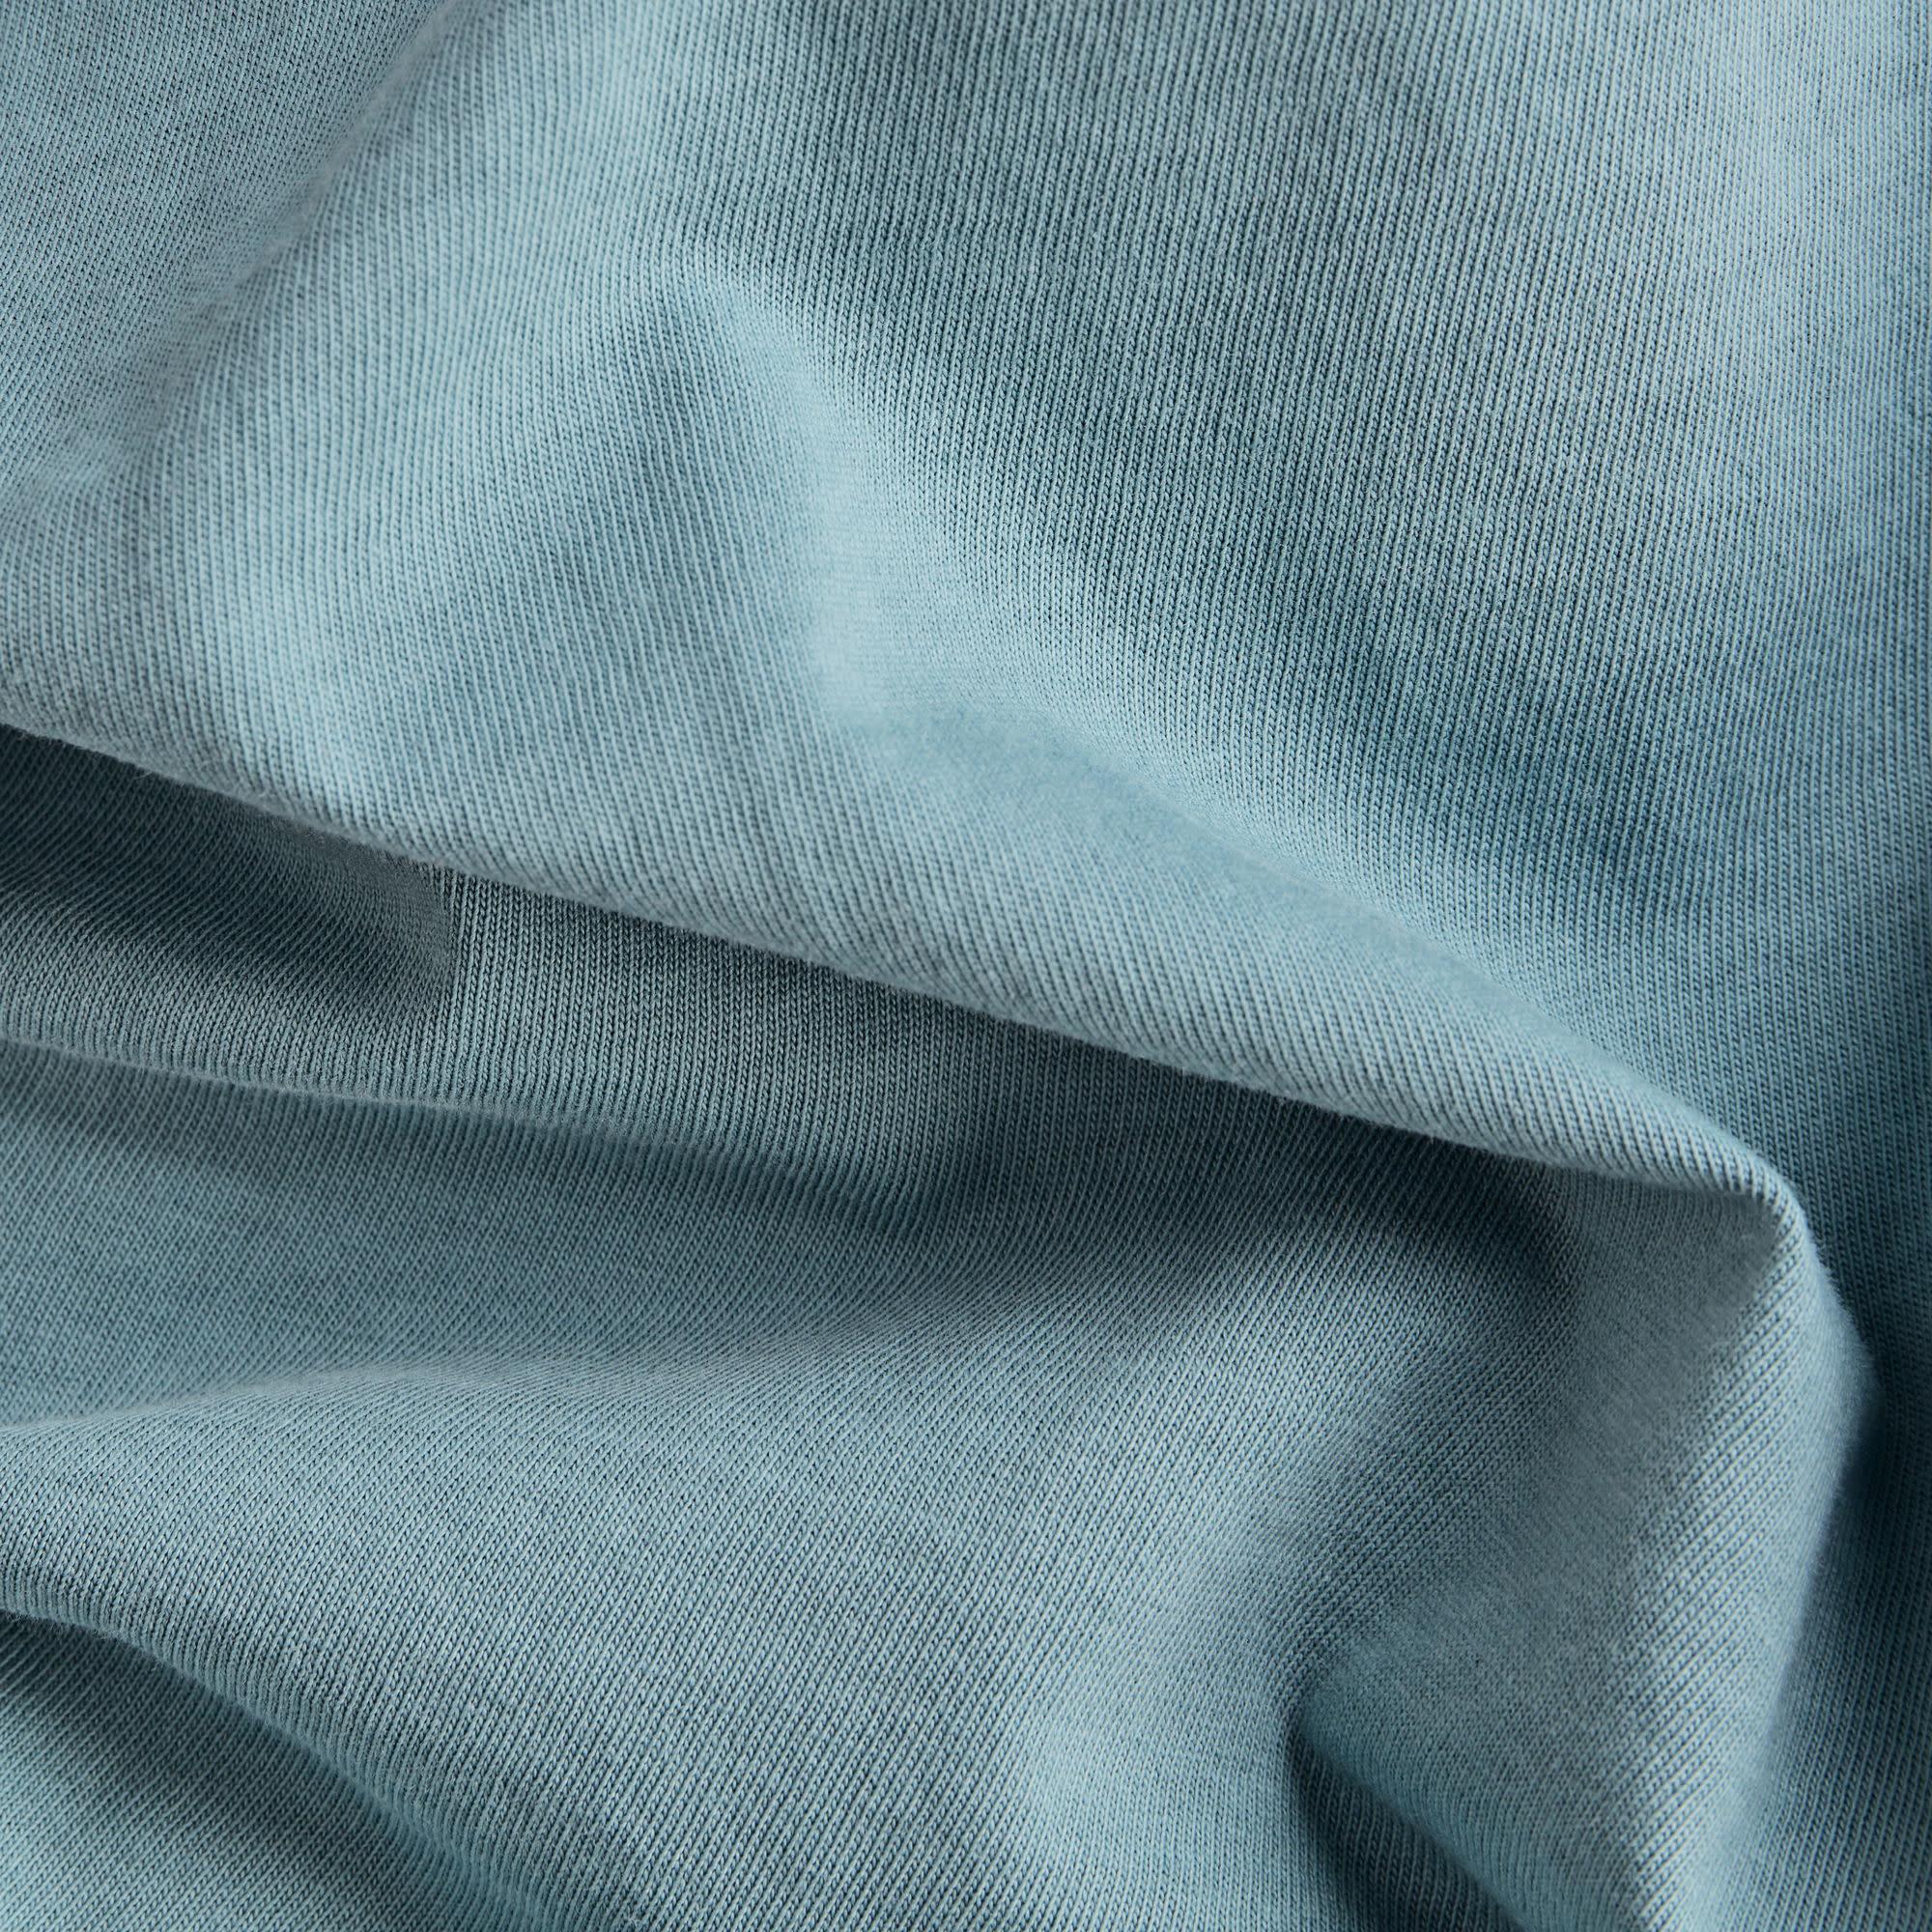 G-Star G-Star Lash R Relaxed Tee Light Bright Nickel Blue